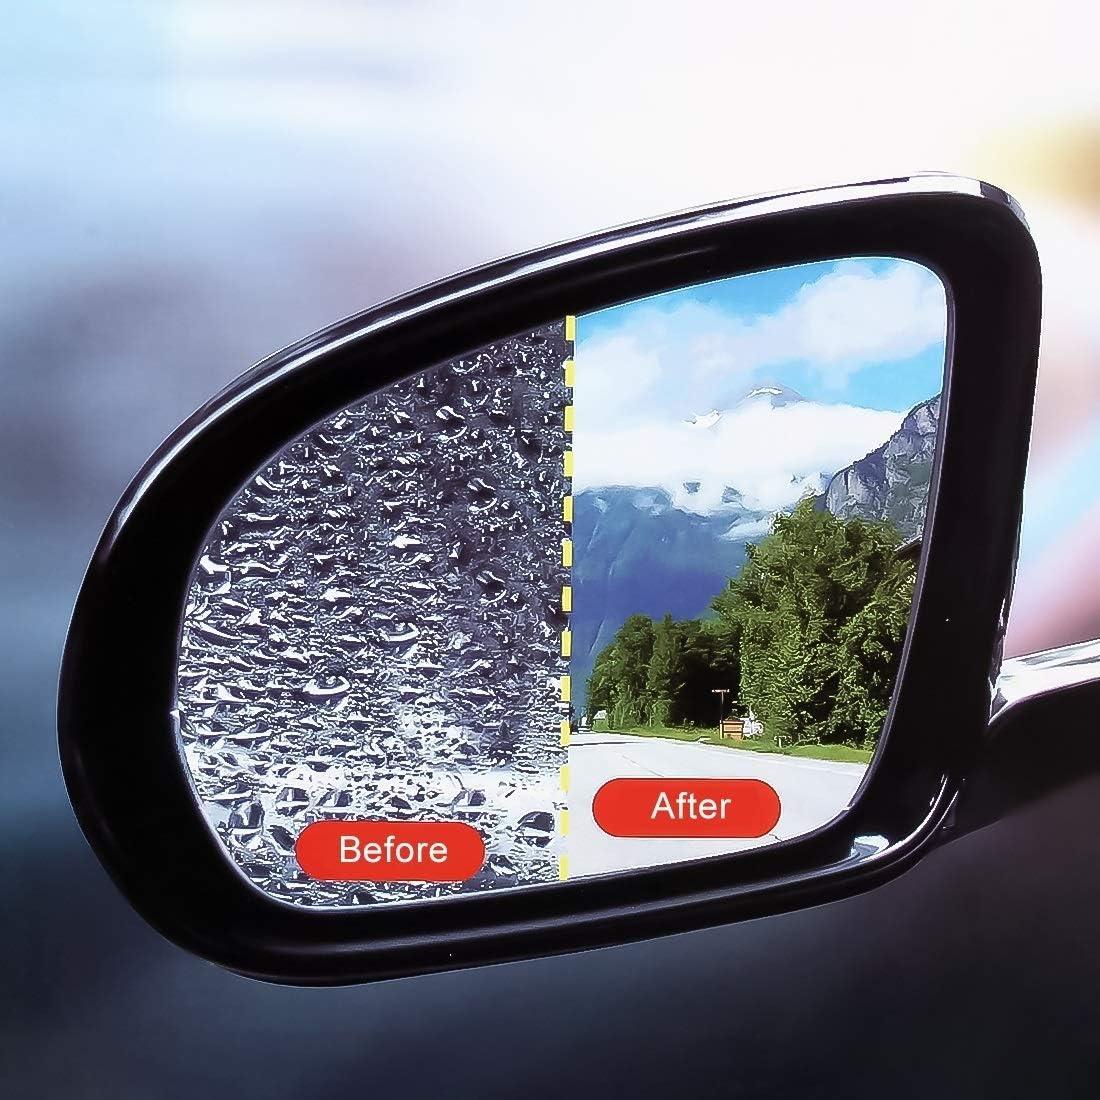 no brand Fen/être Autocollant de Voiture-Voiture Film de por Voiture Pet Miroir de Protection Fen/être Rearview Clair Anti-bu/ée Pluie /étanche Shield Film for Peugeot 206